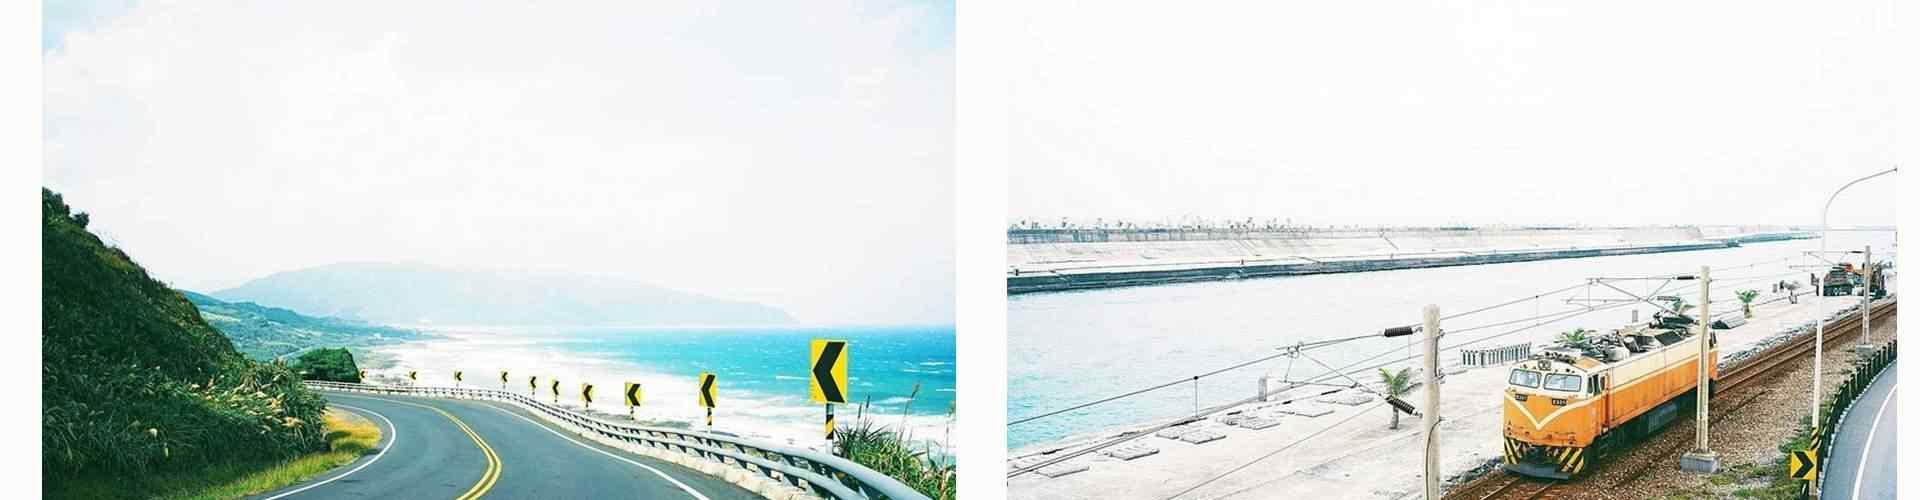 台湾垦丁_台湾垦丁图片_垦丁风景图片壁纸_垦丁图片壁纸